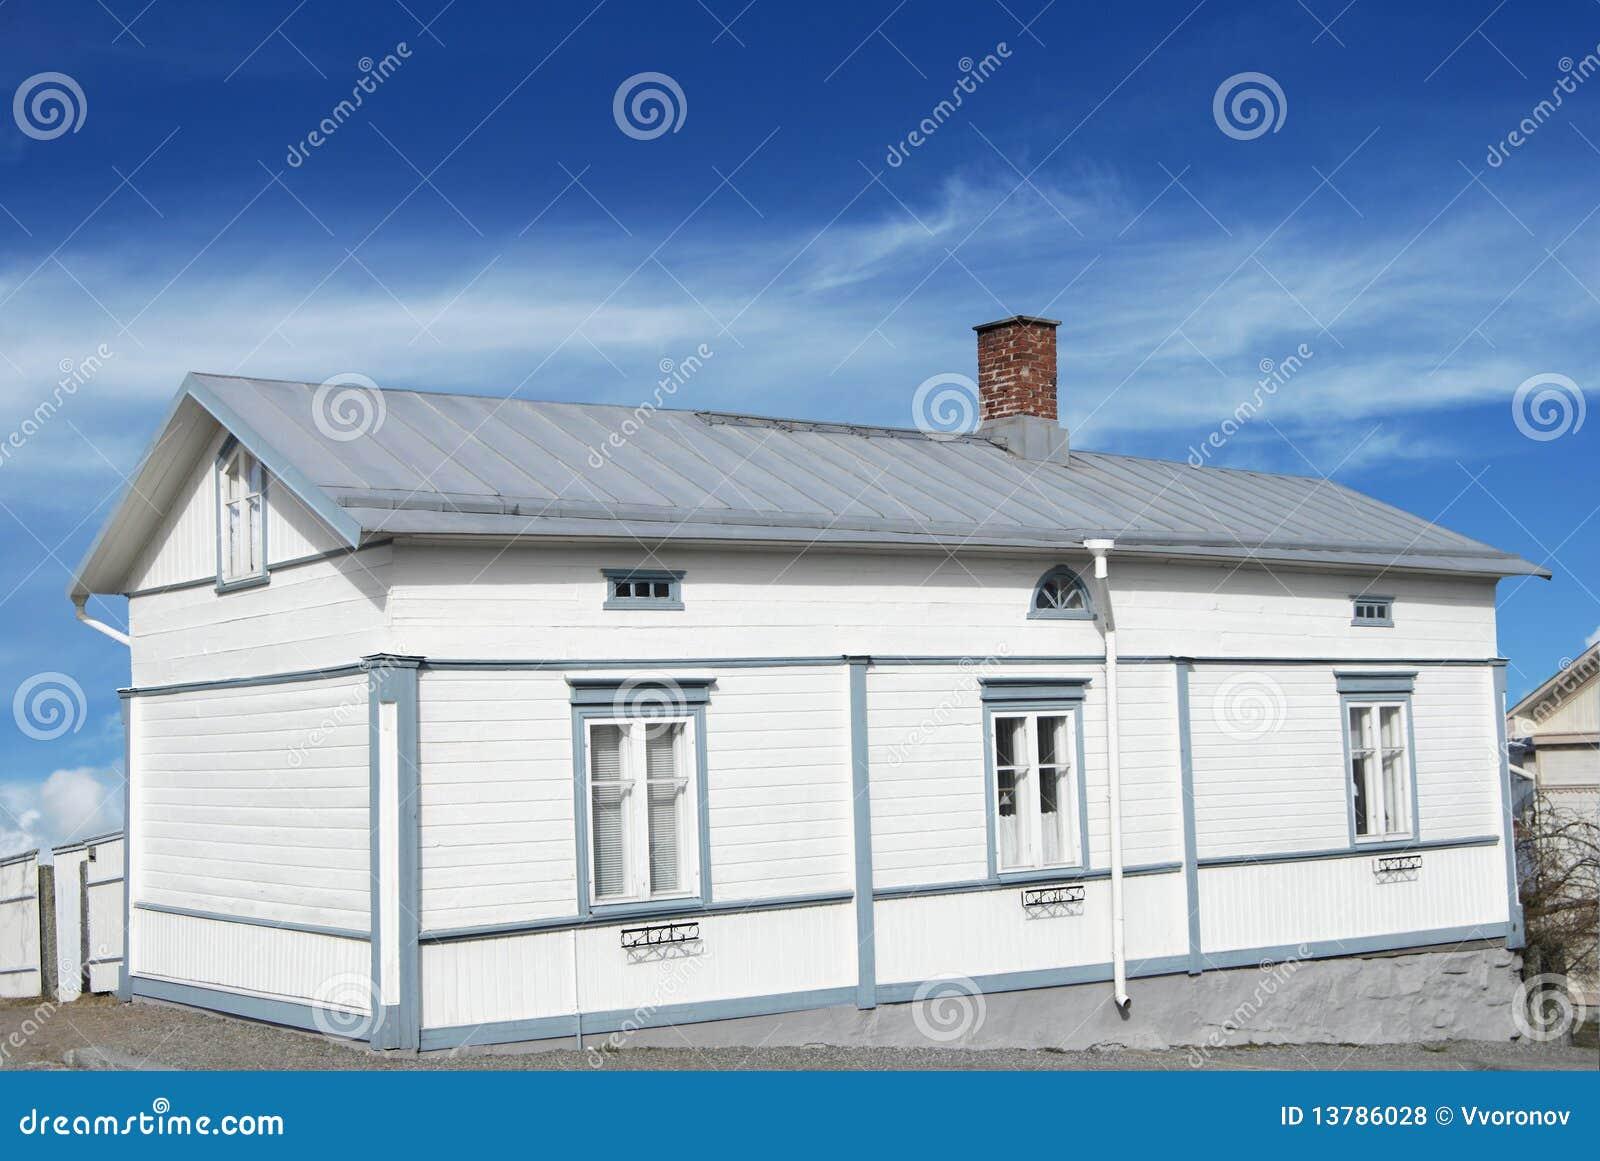 Casa de madera blanca fotos de archivo libres de regal as - Casas de madera blancas ...